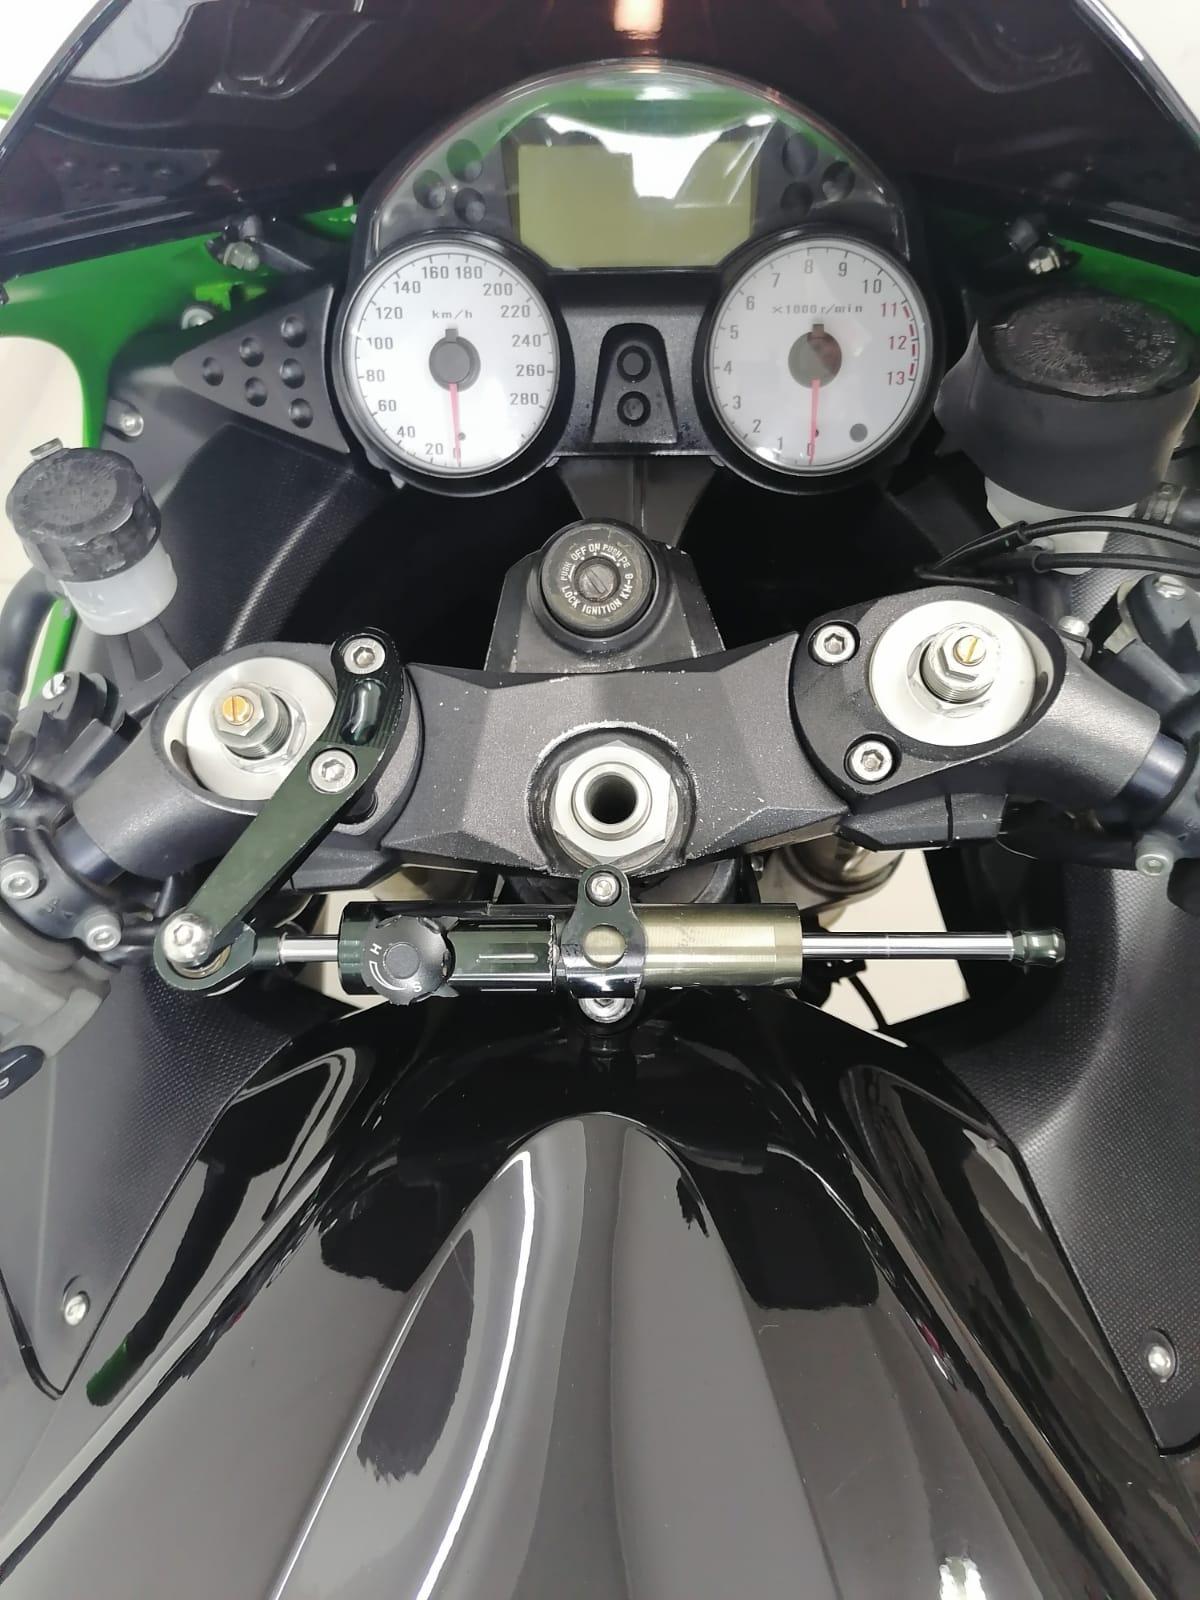 2007 Kawasaki ZX-14